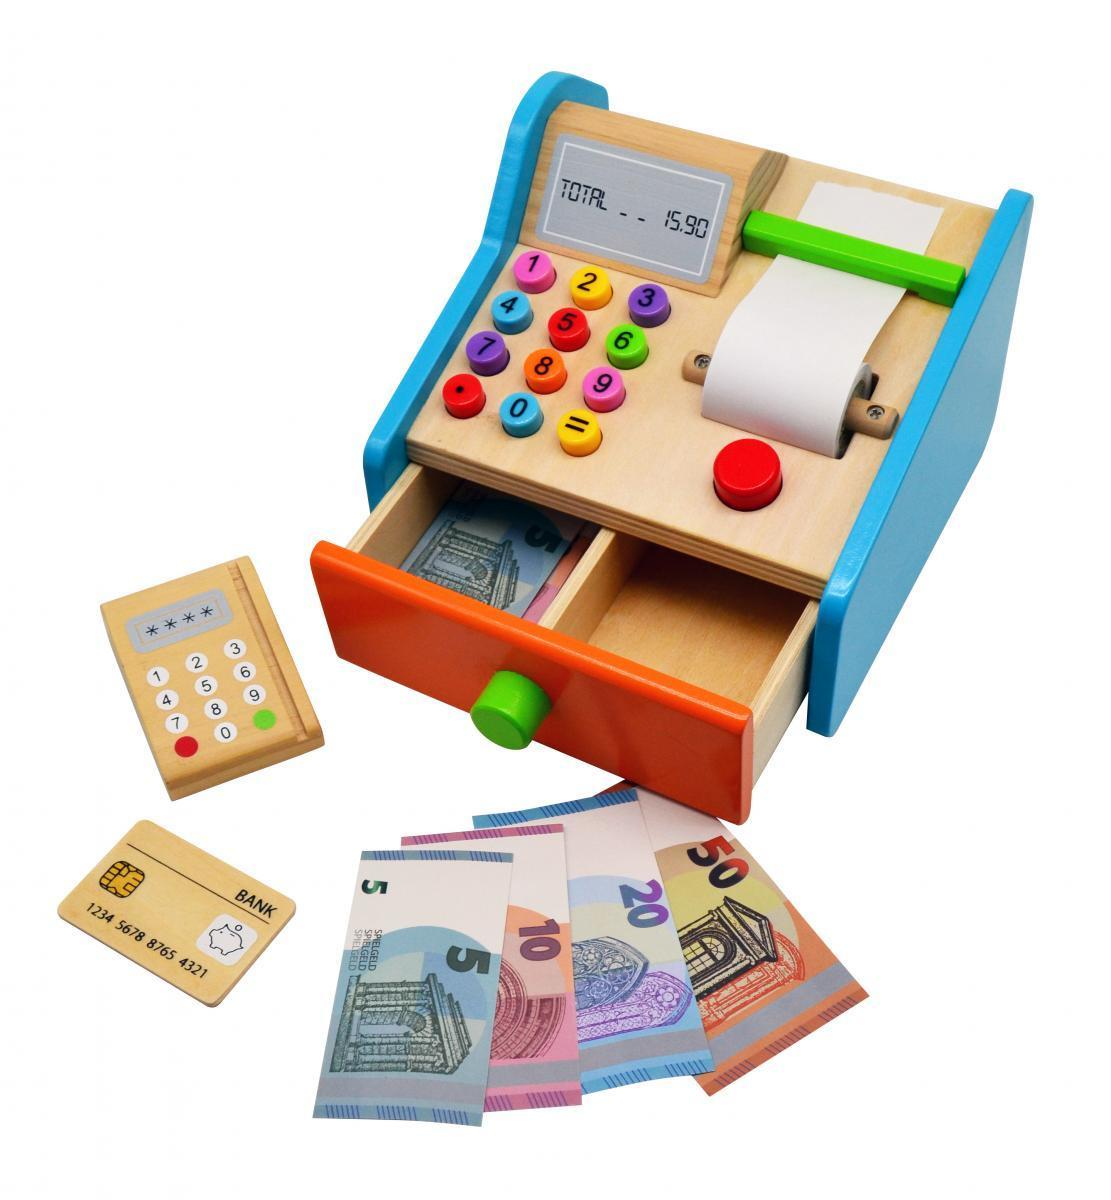 Bild 1 von Coemo Spielkasse aus Holz mit Zubehör